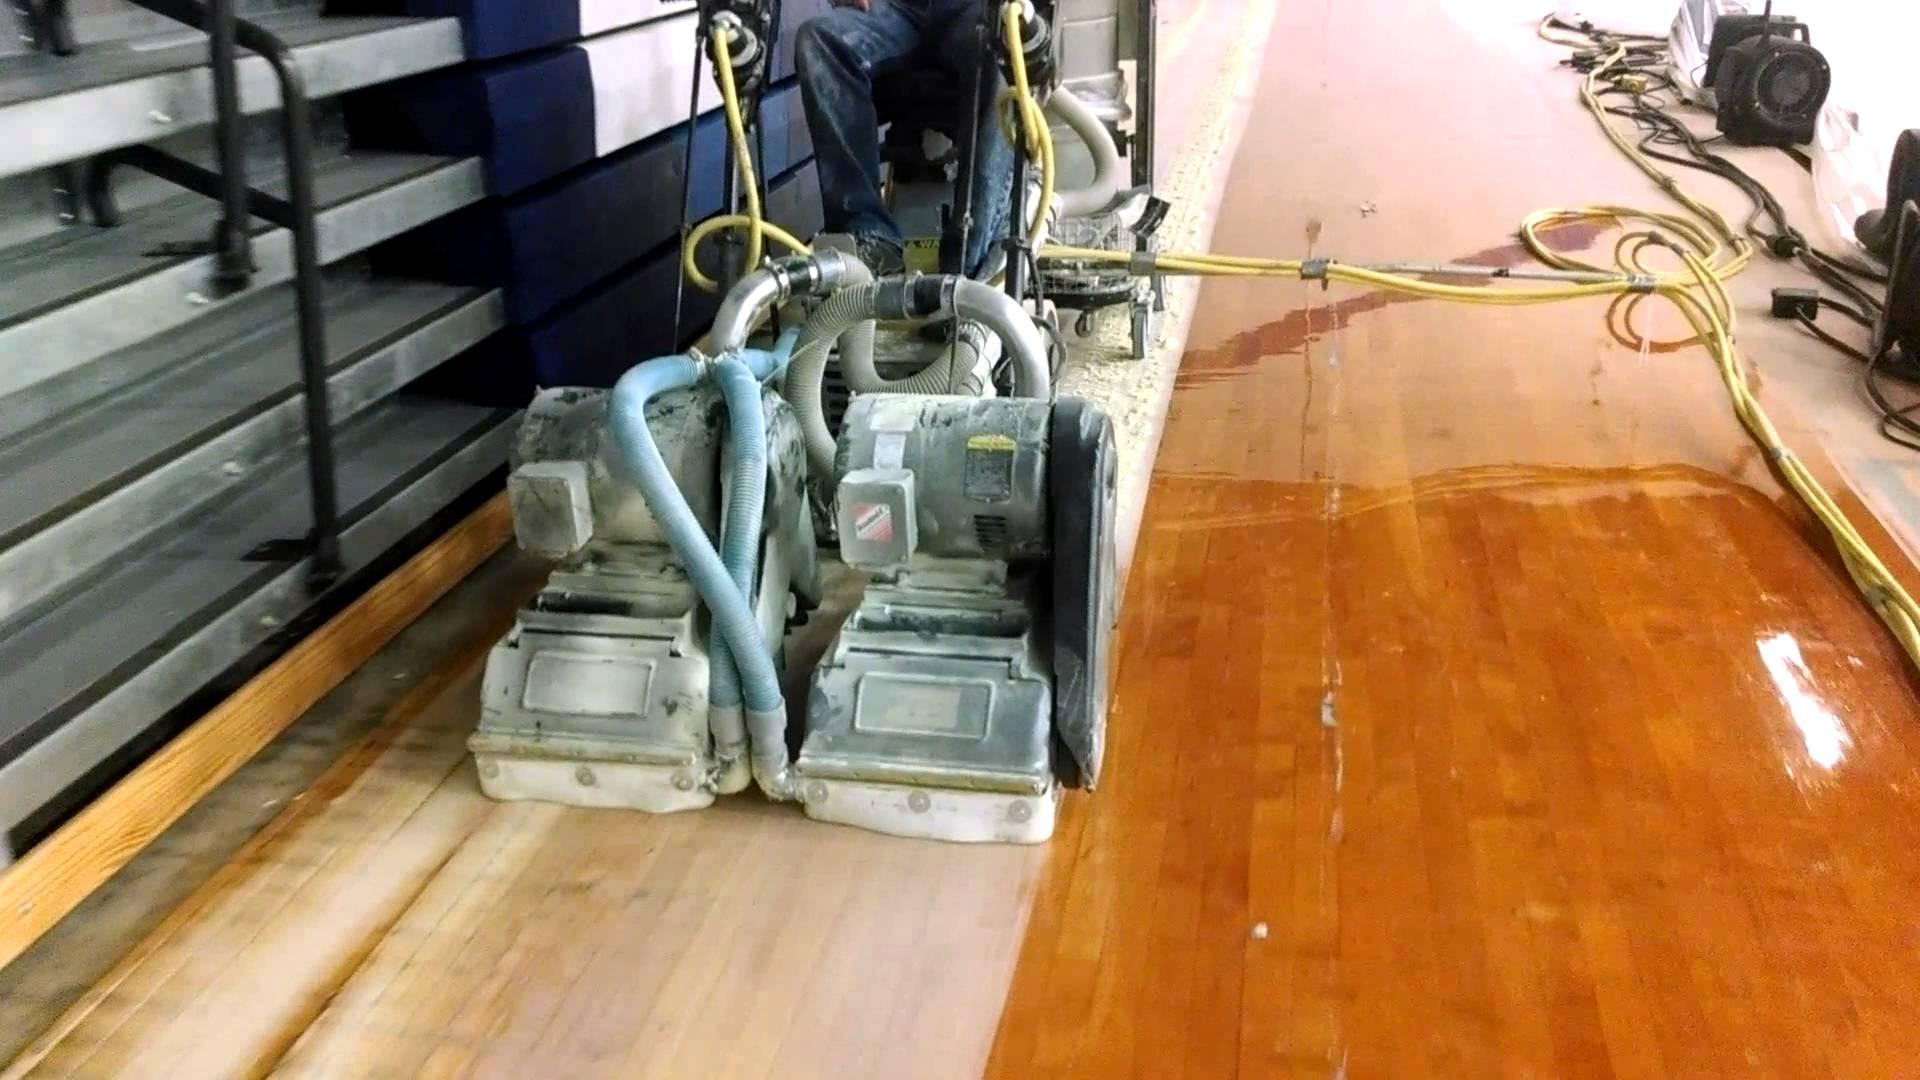 hardwood floor refinishing raleigh of floor refinishing company hardwood floors service by cris floor in floor refinishing company gym floor sanding and refinishing